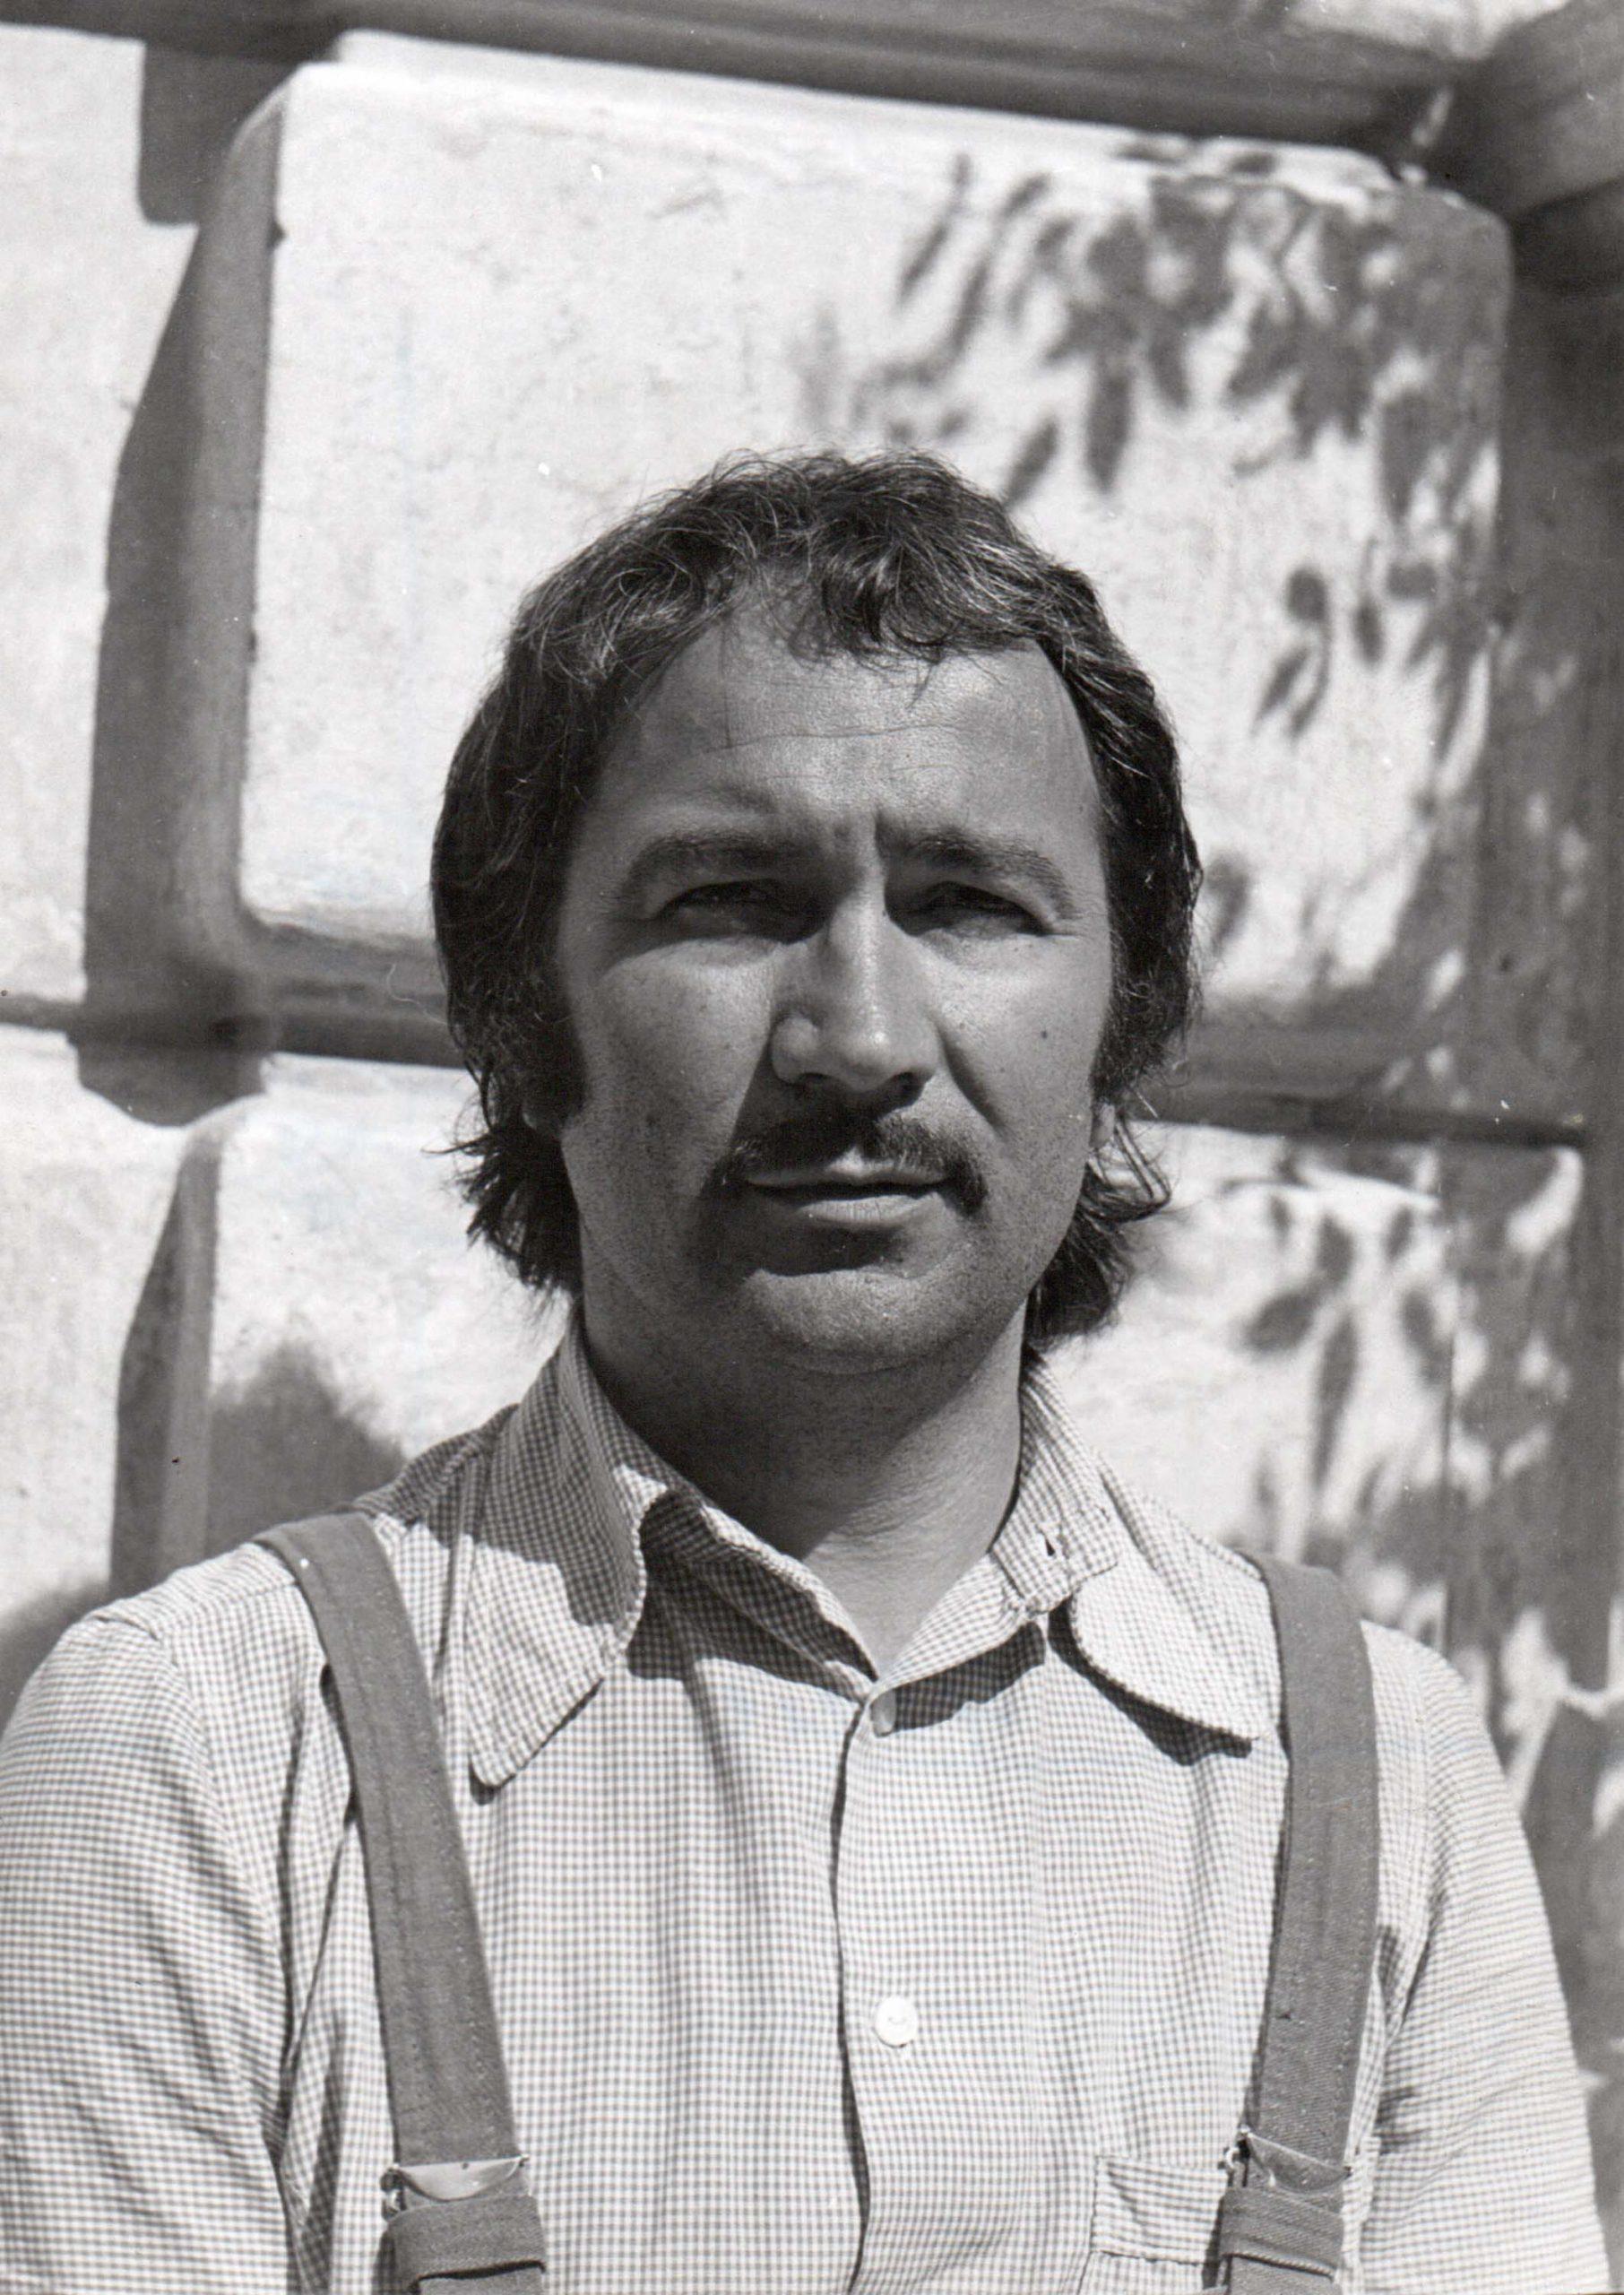 Milija Nešić, Iscrizioni, 1972